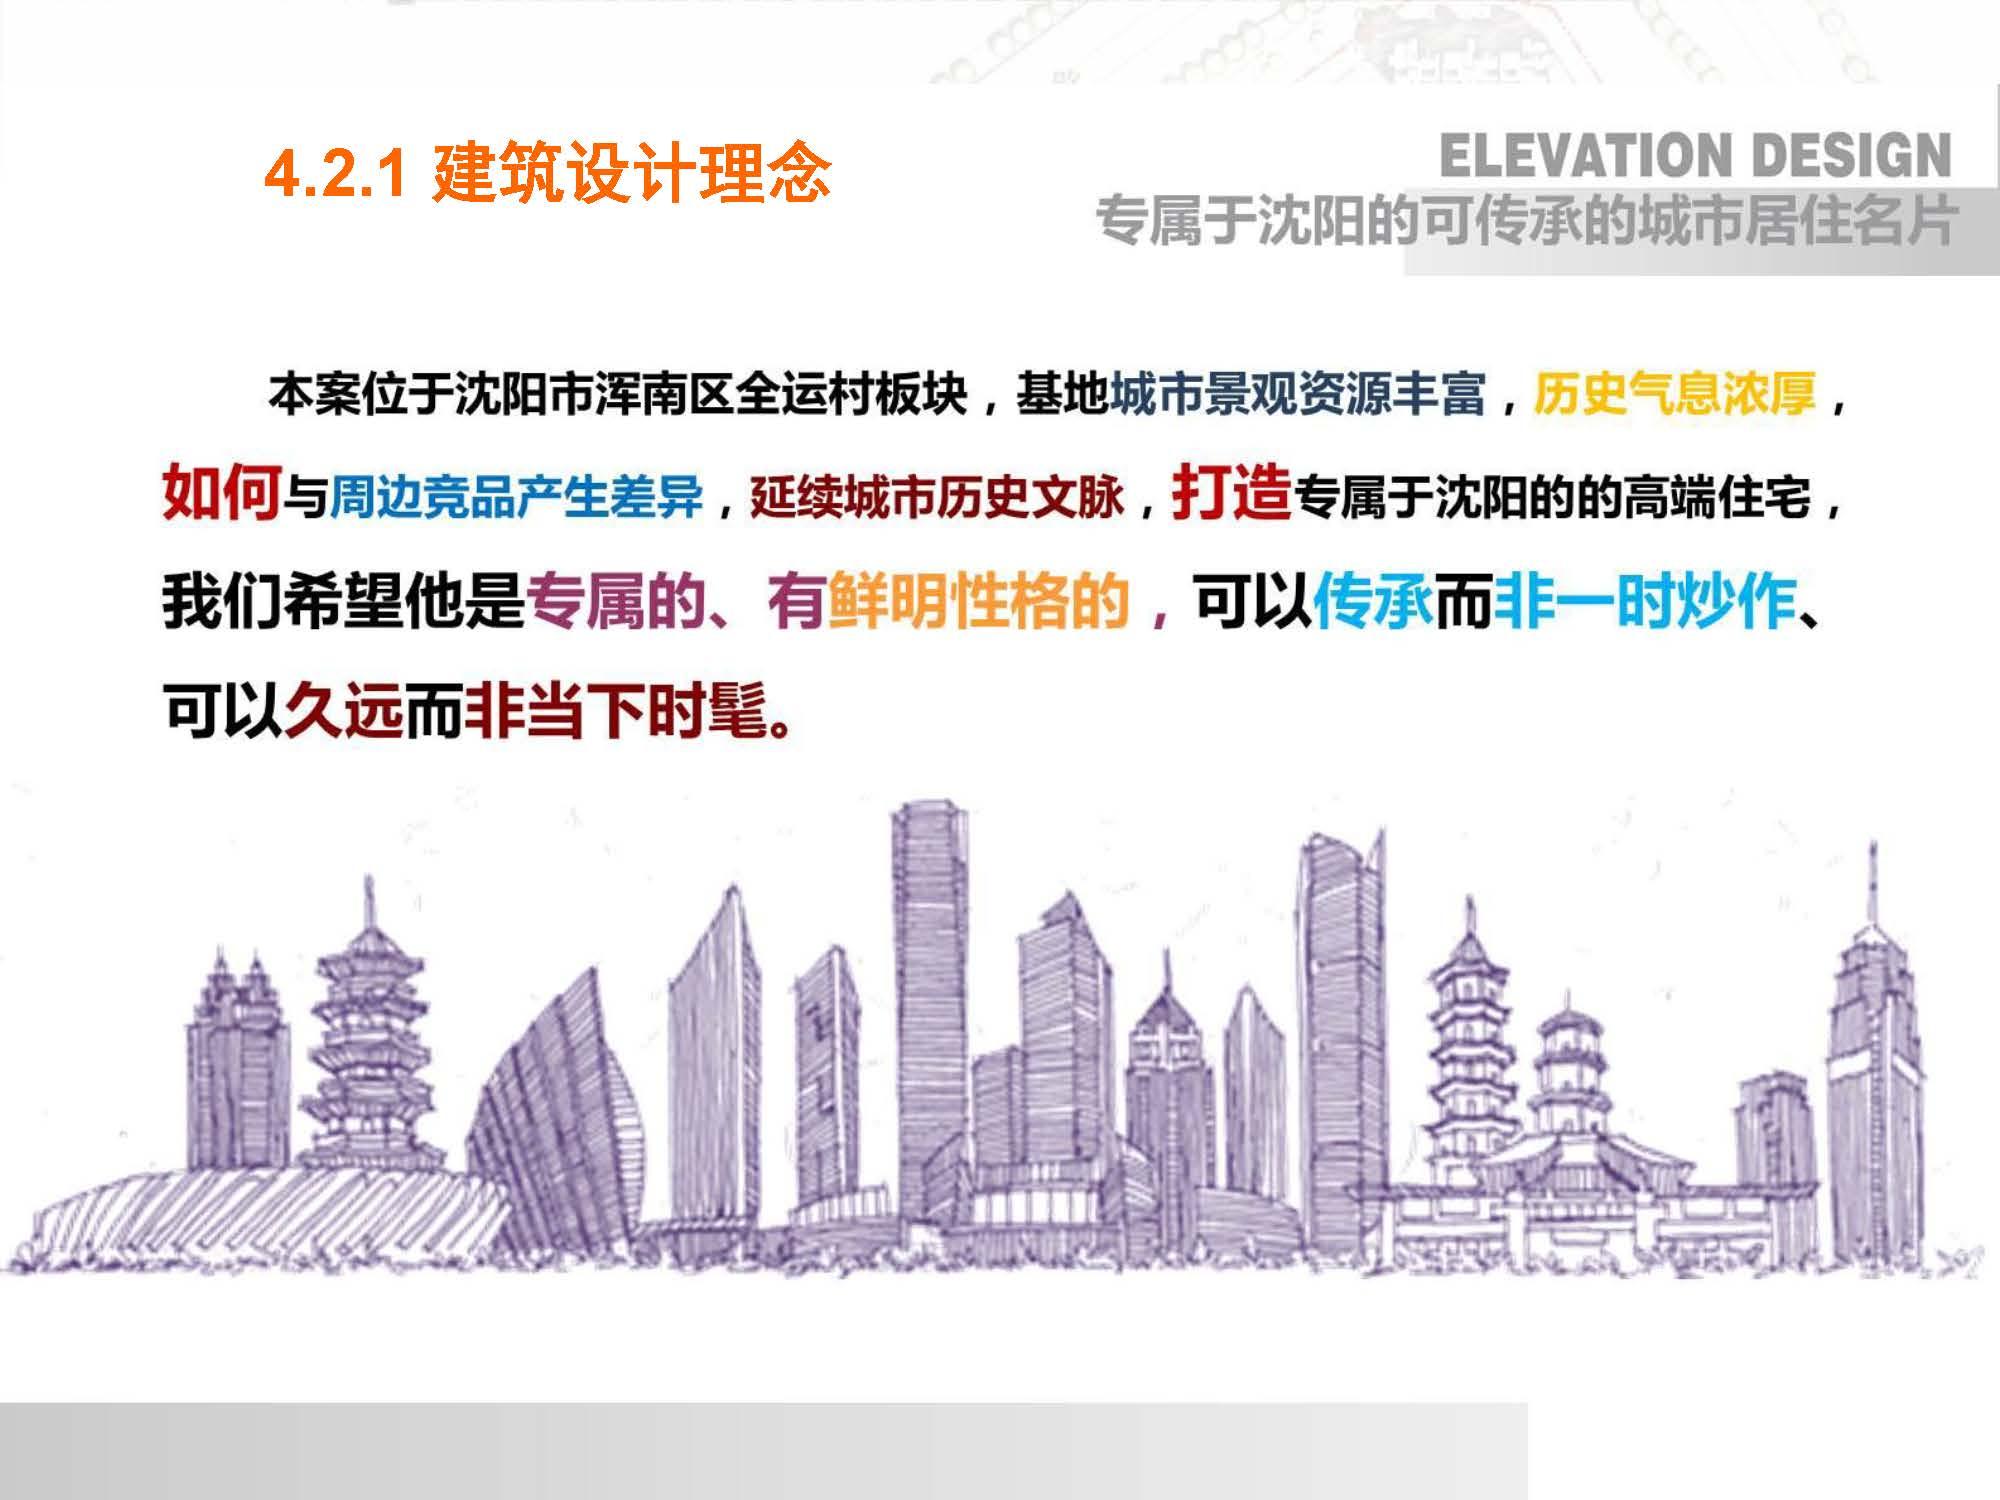 中海沈阳销售手册20180809--EPG--建筑设计理念及亮点 _页面_02.jpg